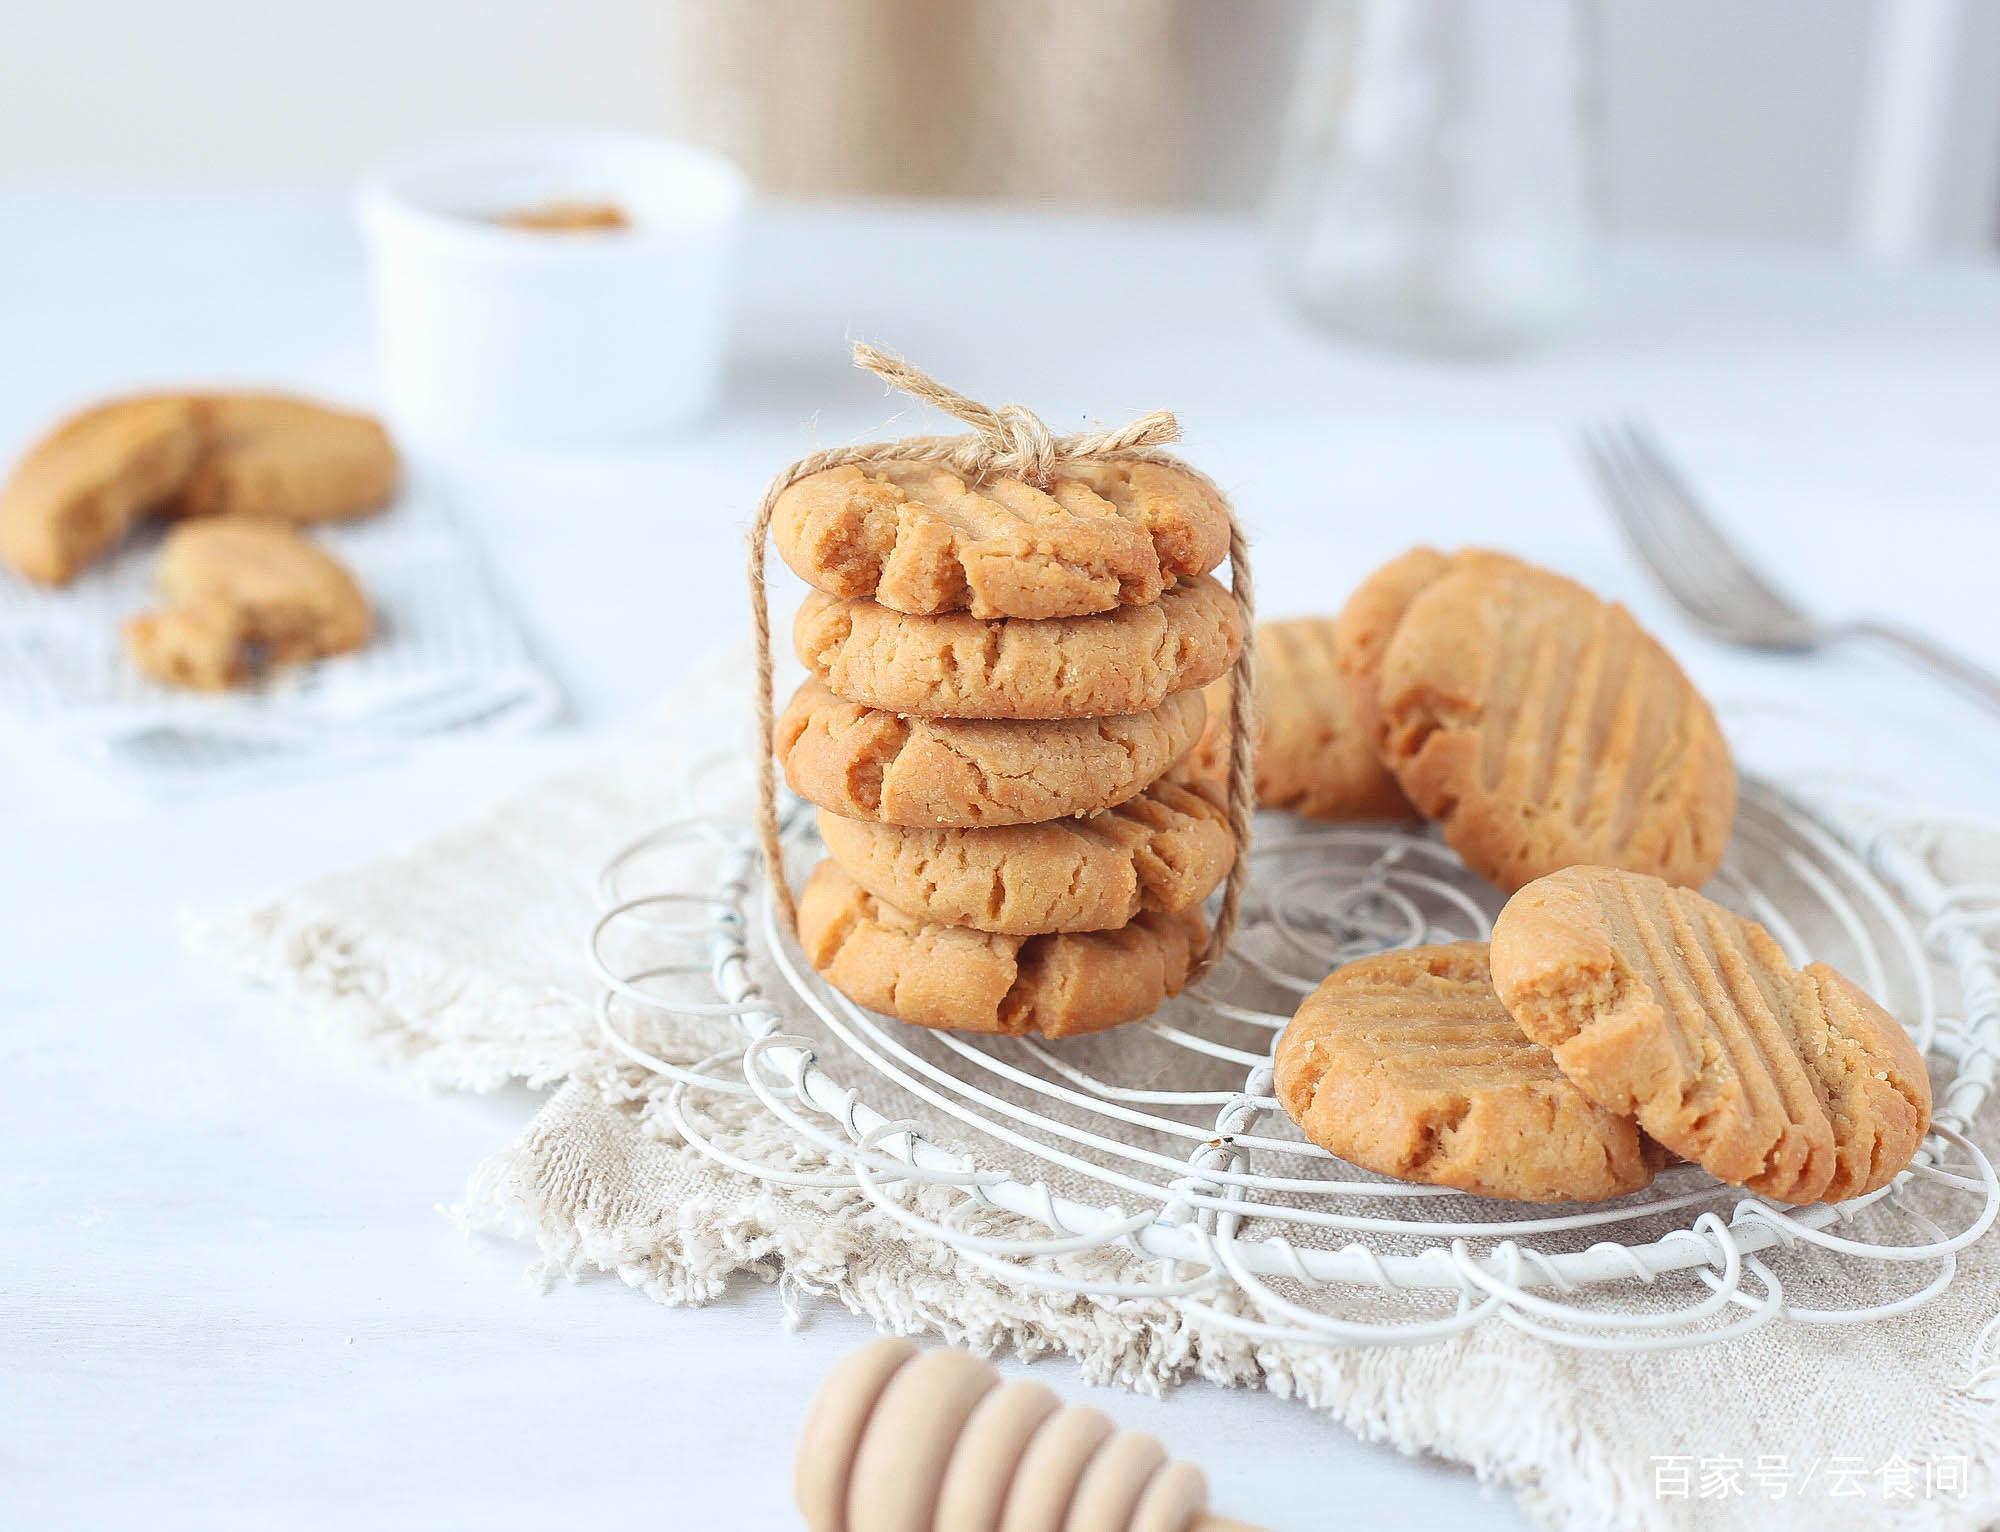 超好吃的饼干做法,不用黄油,热量更低,儿子吃了停不下来